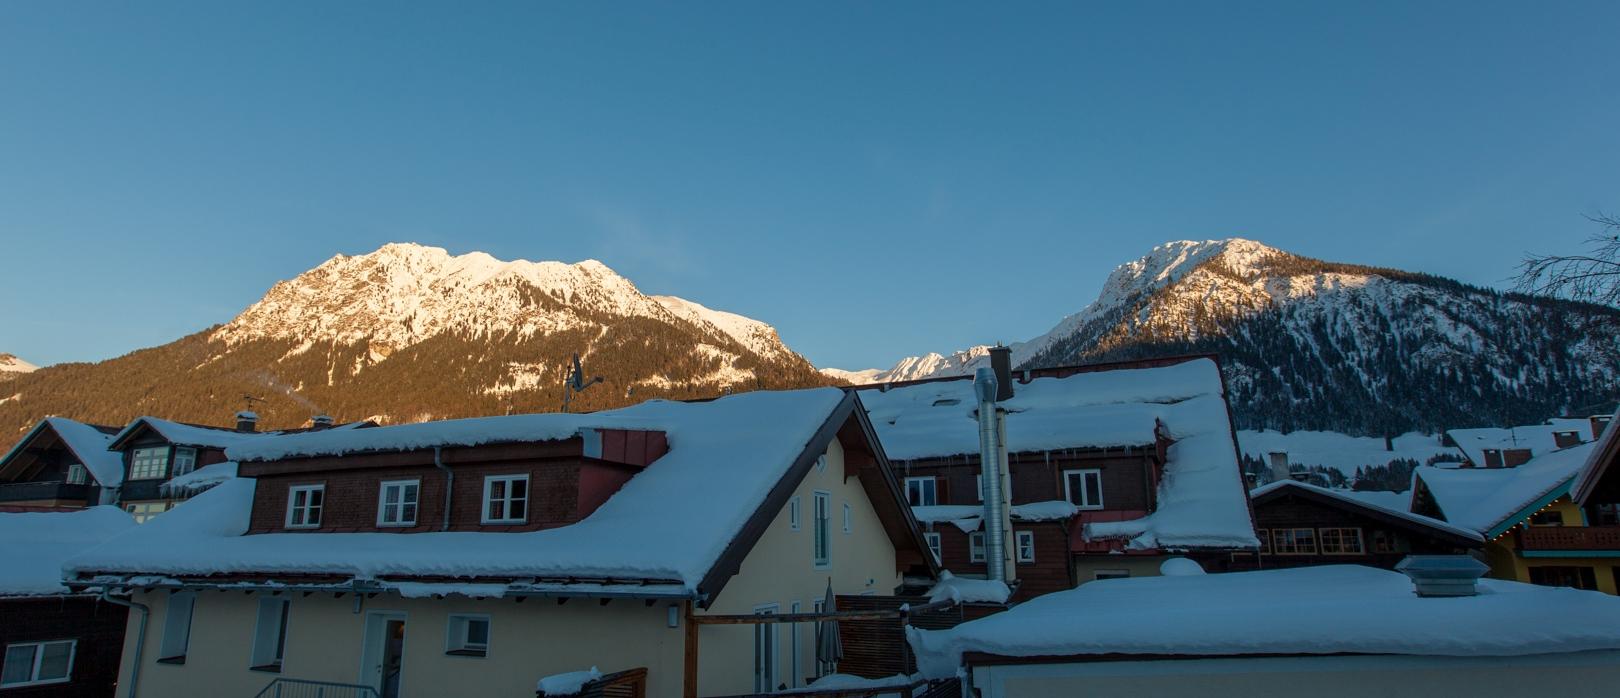 Ferienwohnung Georg Mayer Haus / Wohnung 5 (2397454), Oberstdorf, Allgäu (Bayern), Bayern, Deutschland, Bild 14